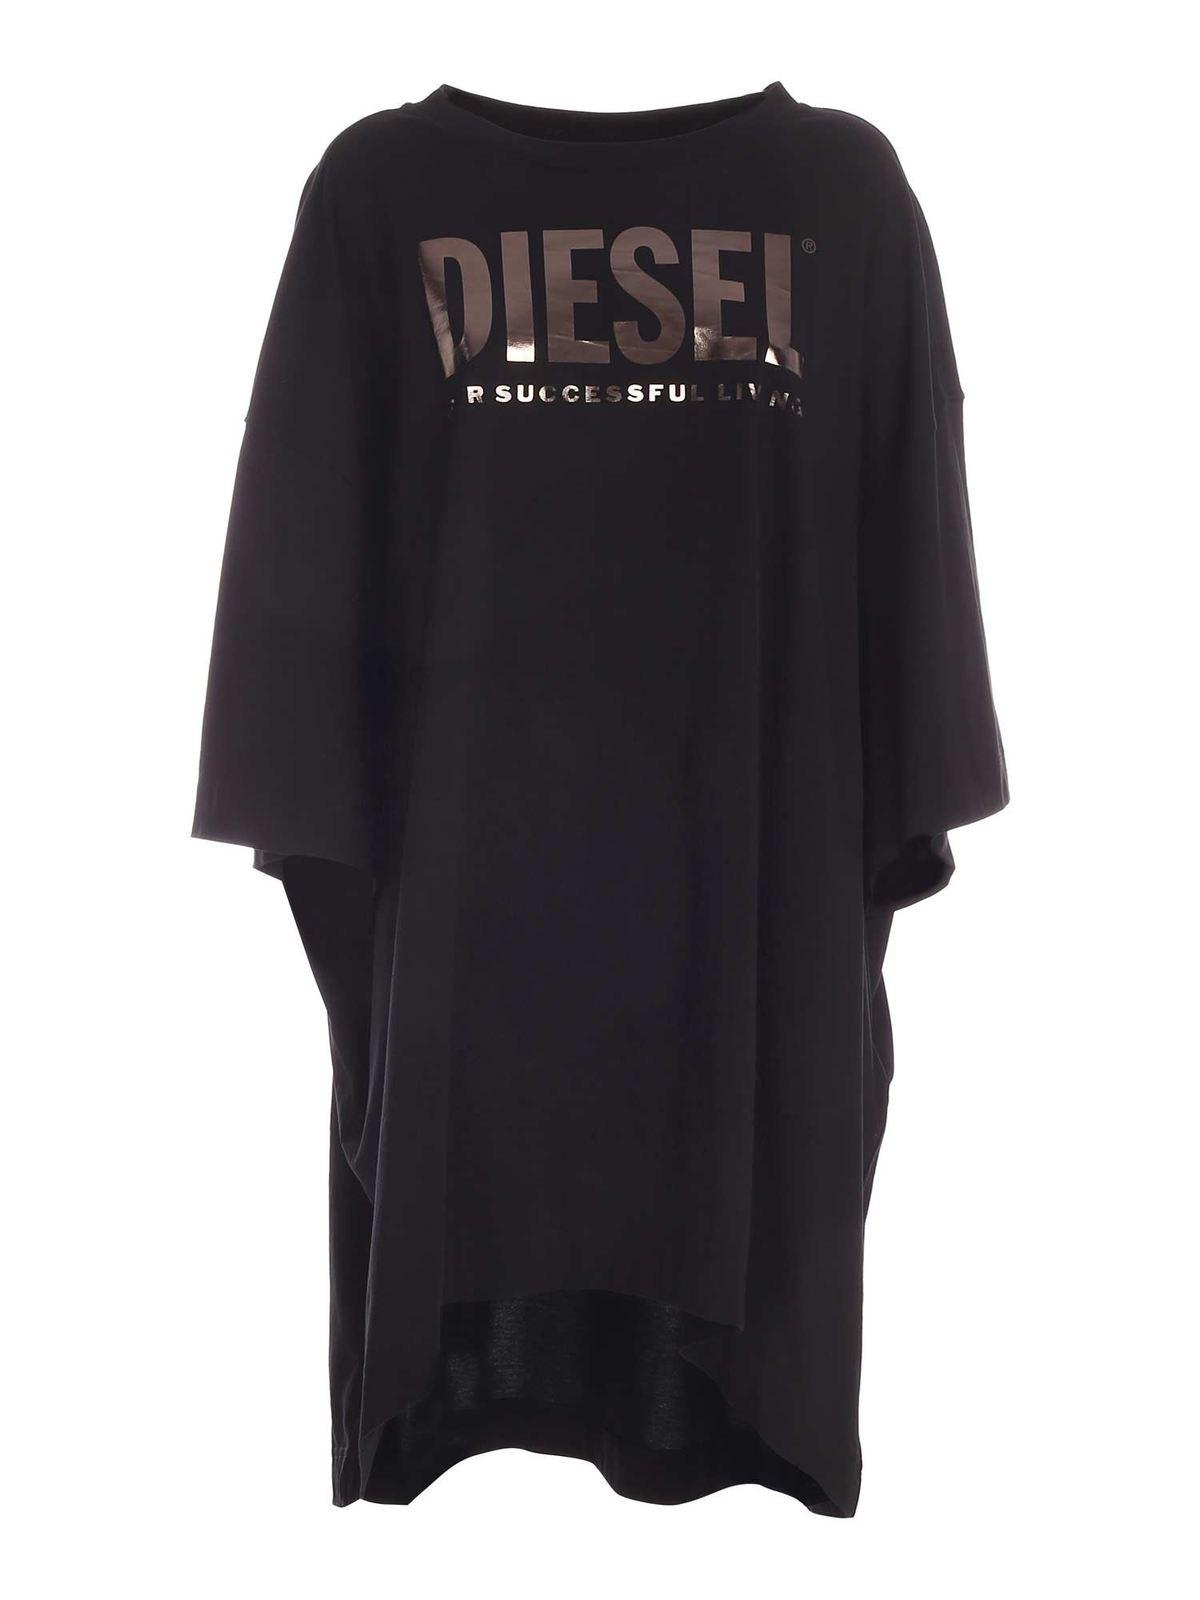 Diesel D-EXTRA DRESS IN BLACK